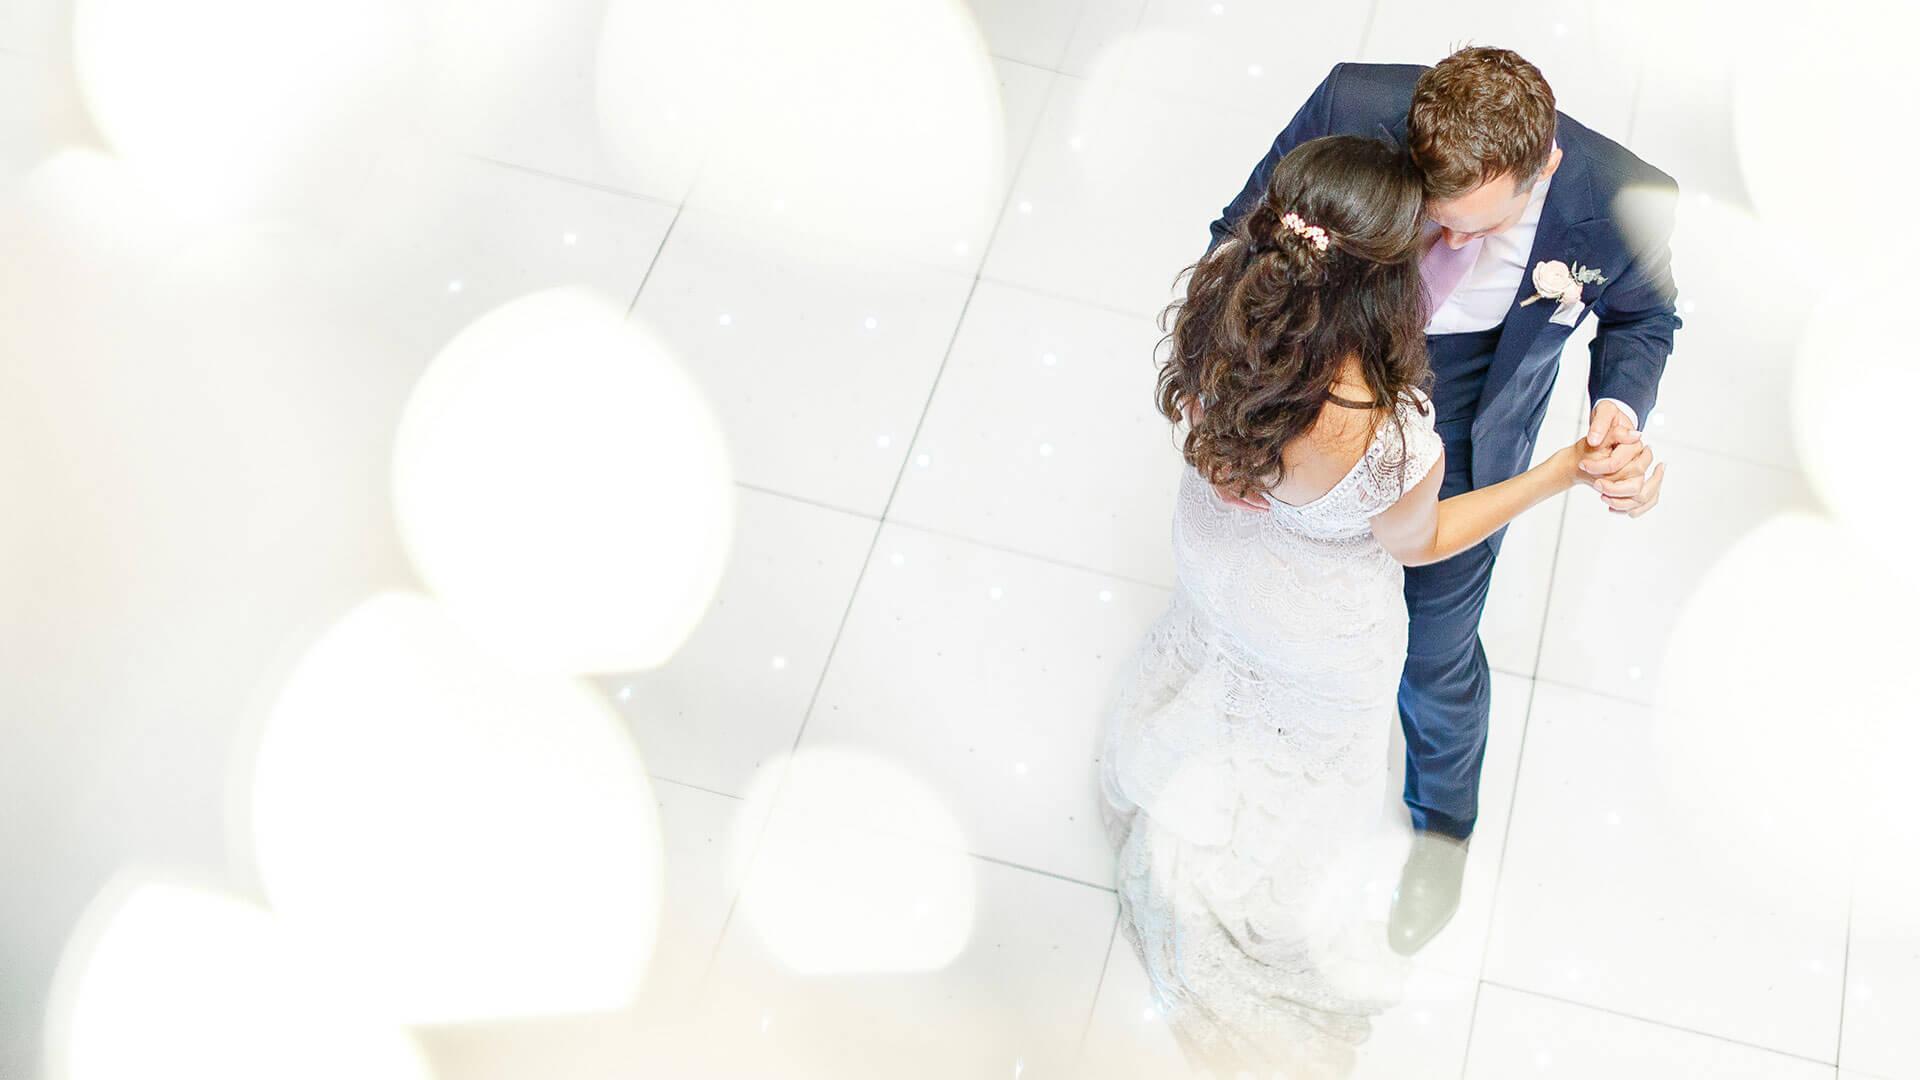 È tutto pronto per il tuo Matrimonio?